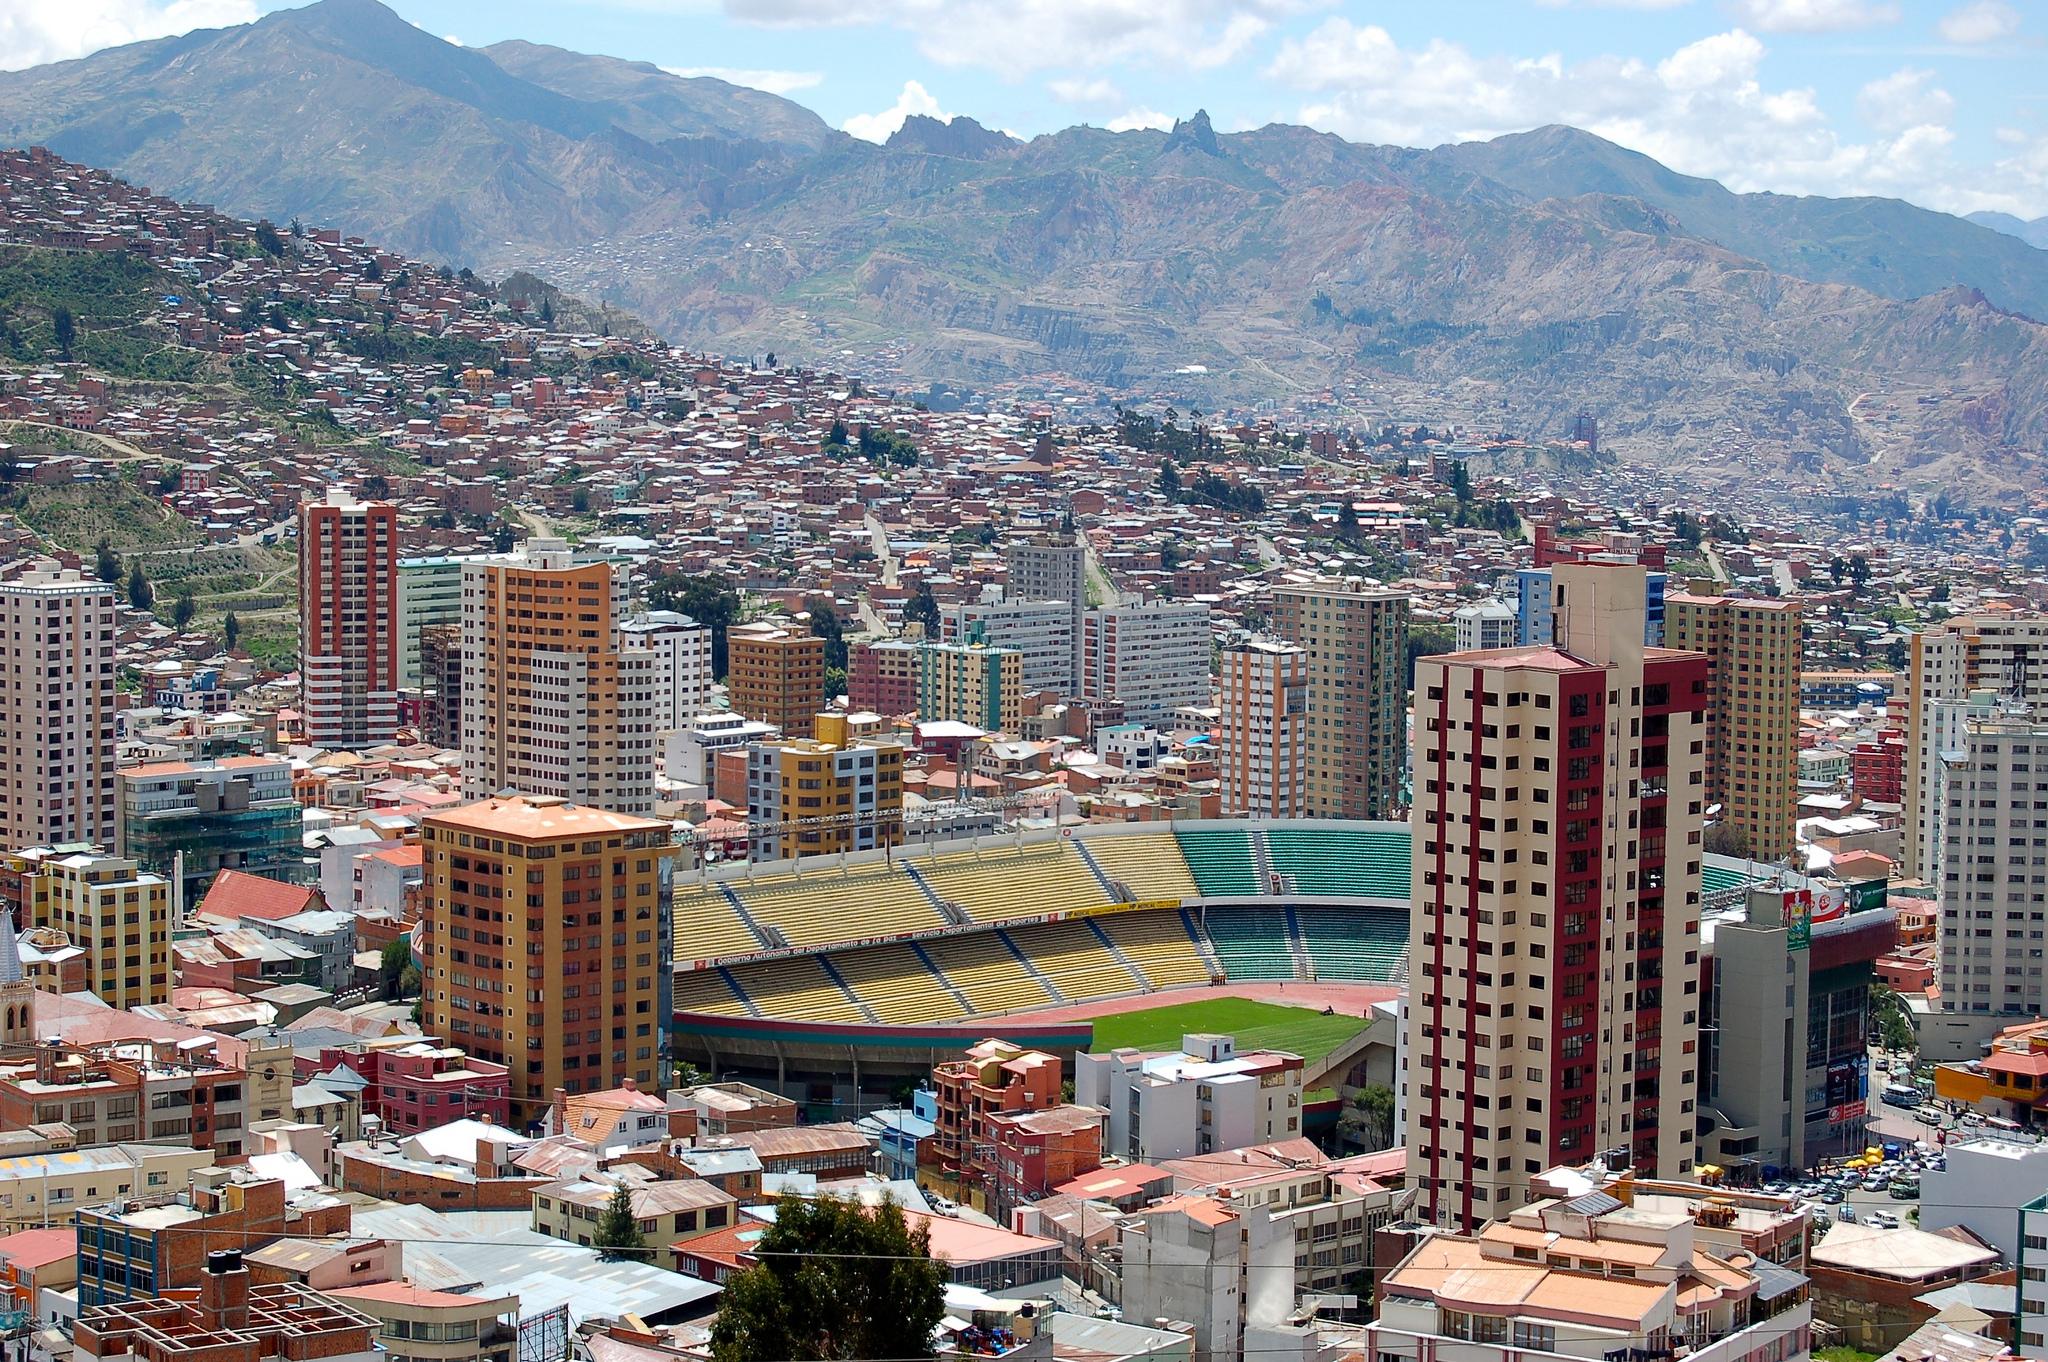 Stadt-Panorama von La Paz mit Fußballstadion vor Gebirgskulisse, von Hochhäusern eingerahmt.